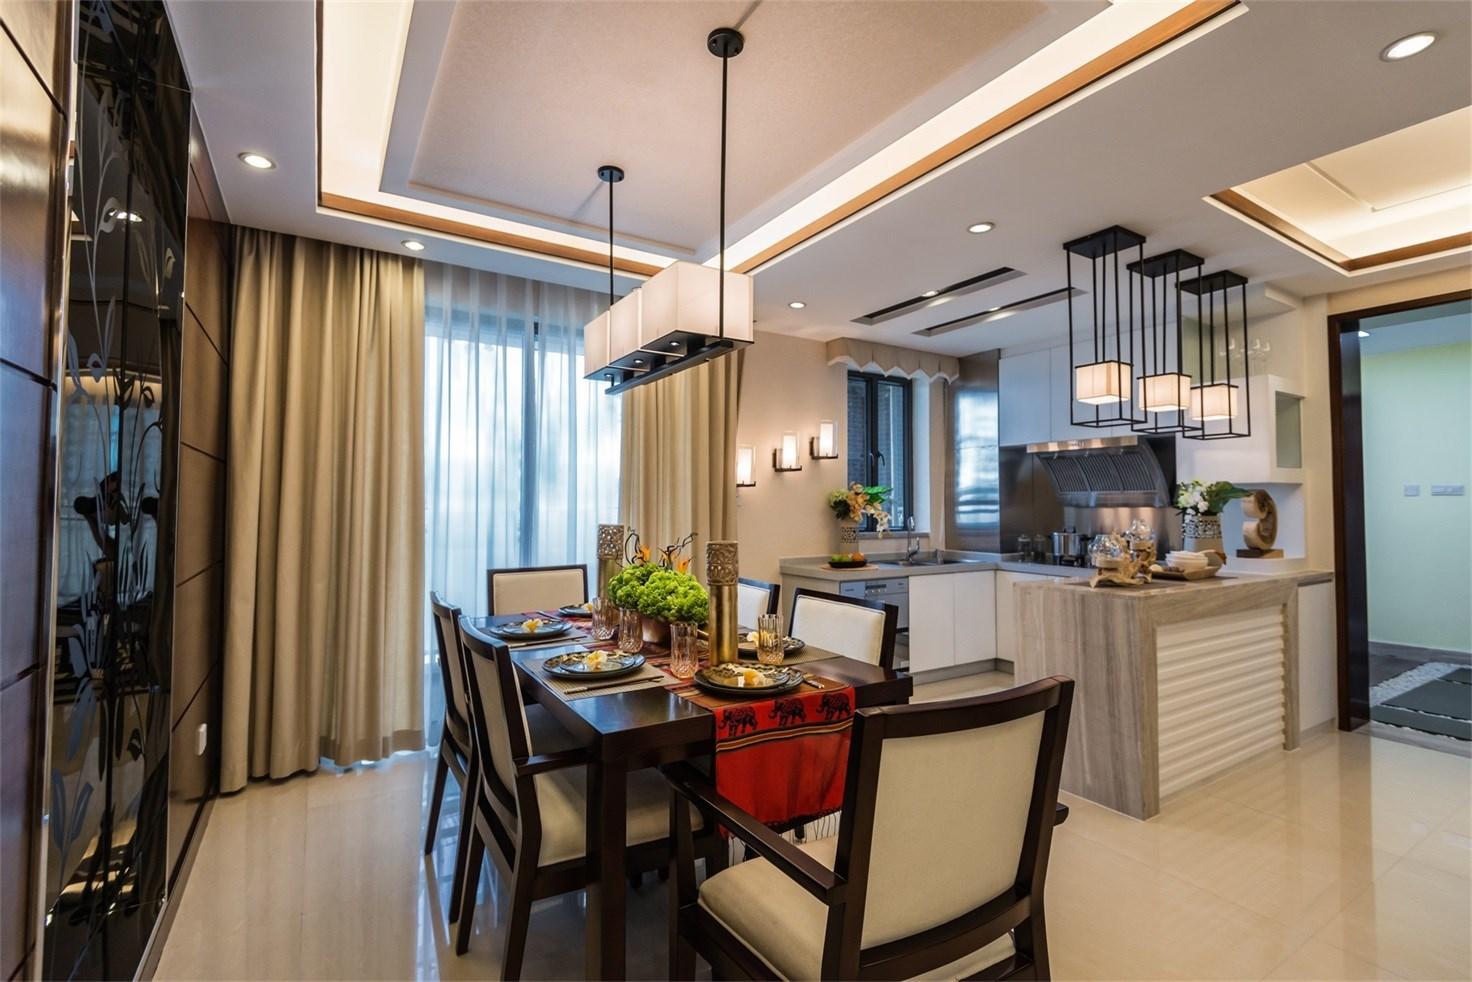 从客厅望向厨房,开放式设计非常便捷,做饭也不用一个人关起门来,氛围更融洽。